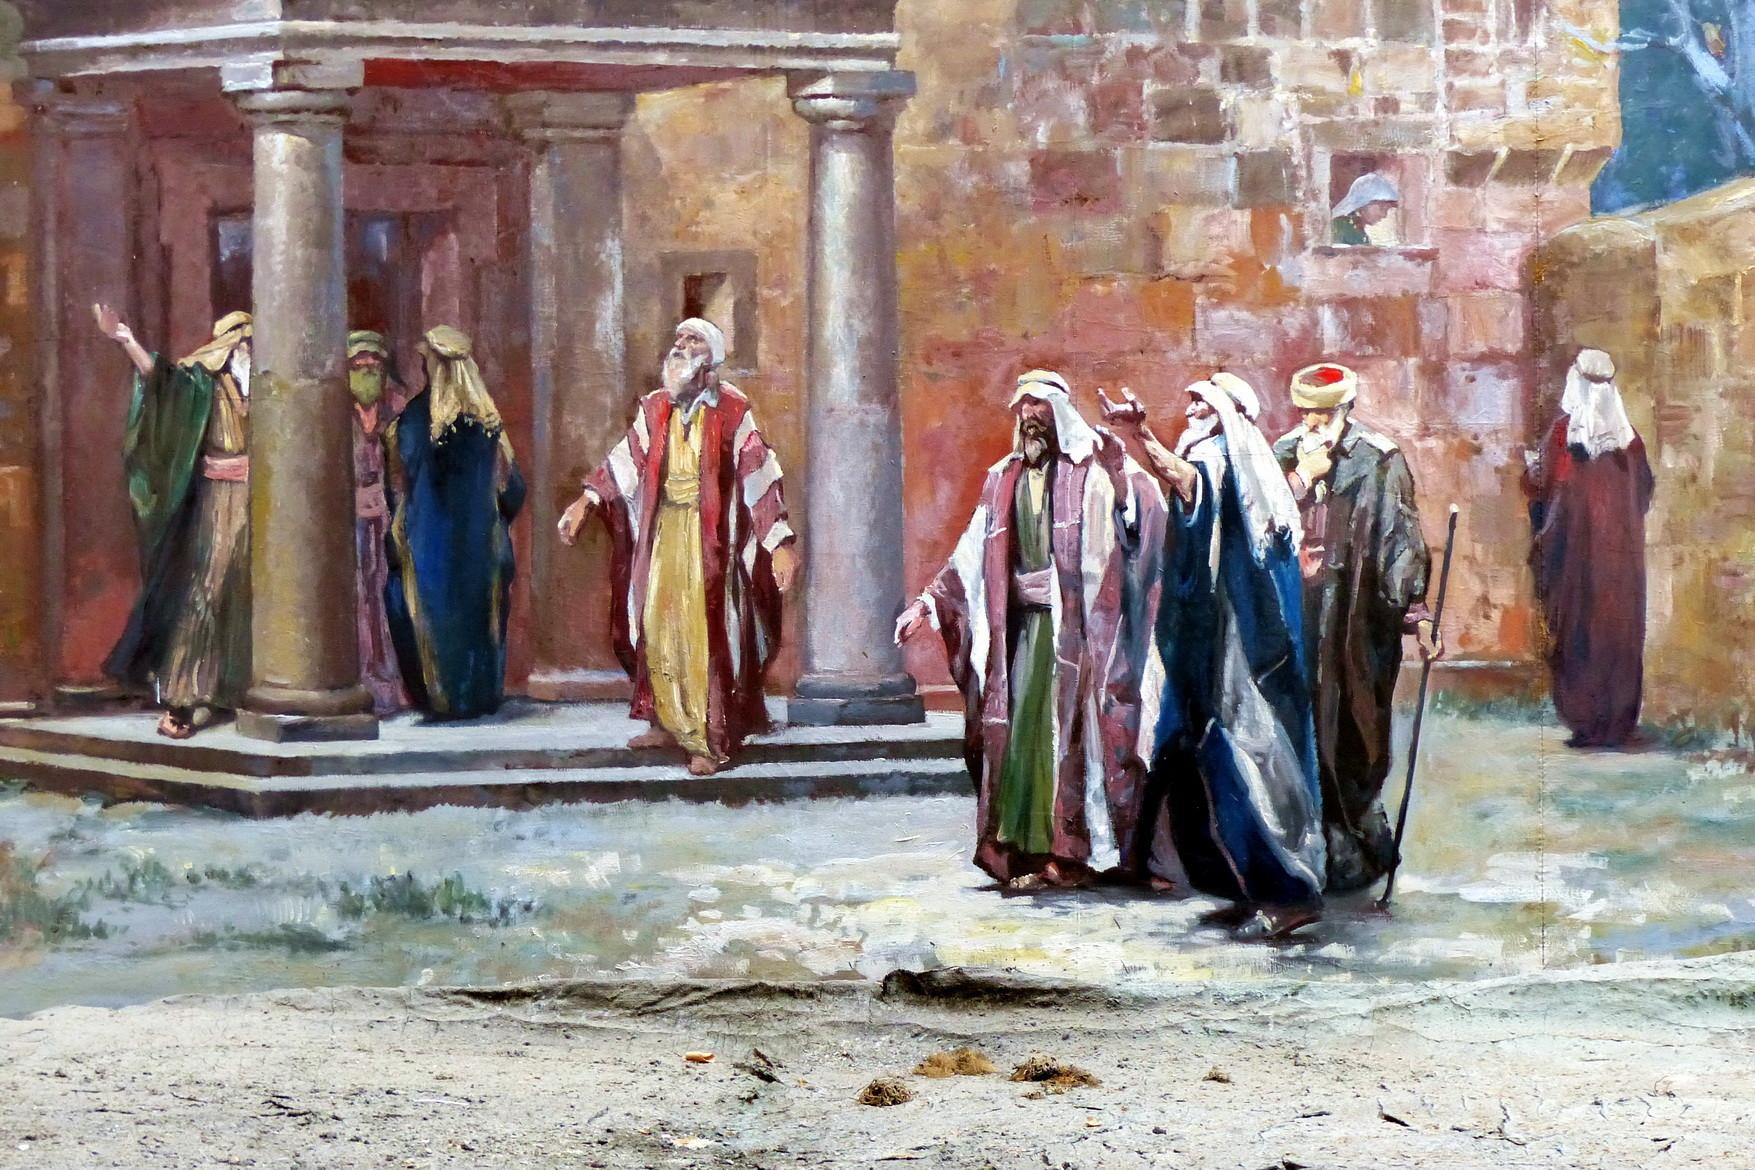 Motiv 14 - Pilgergruppe